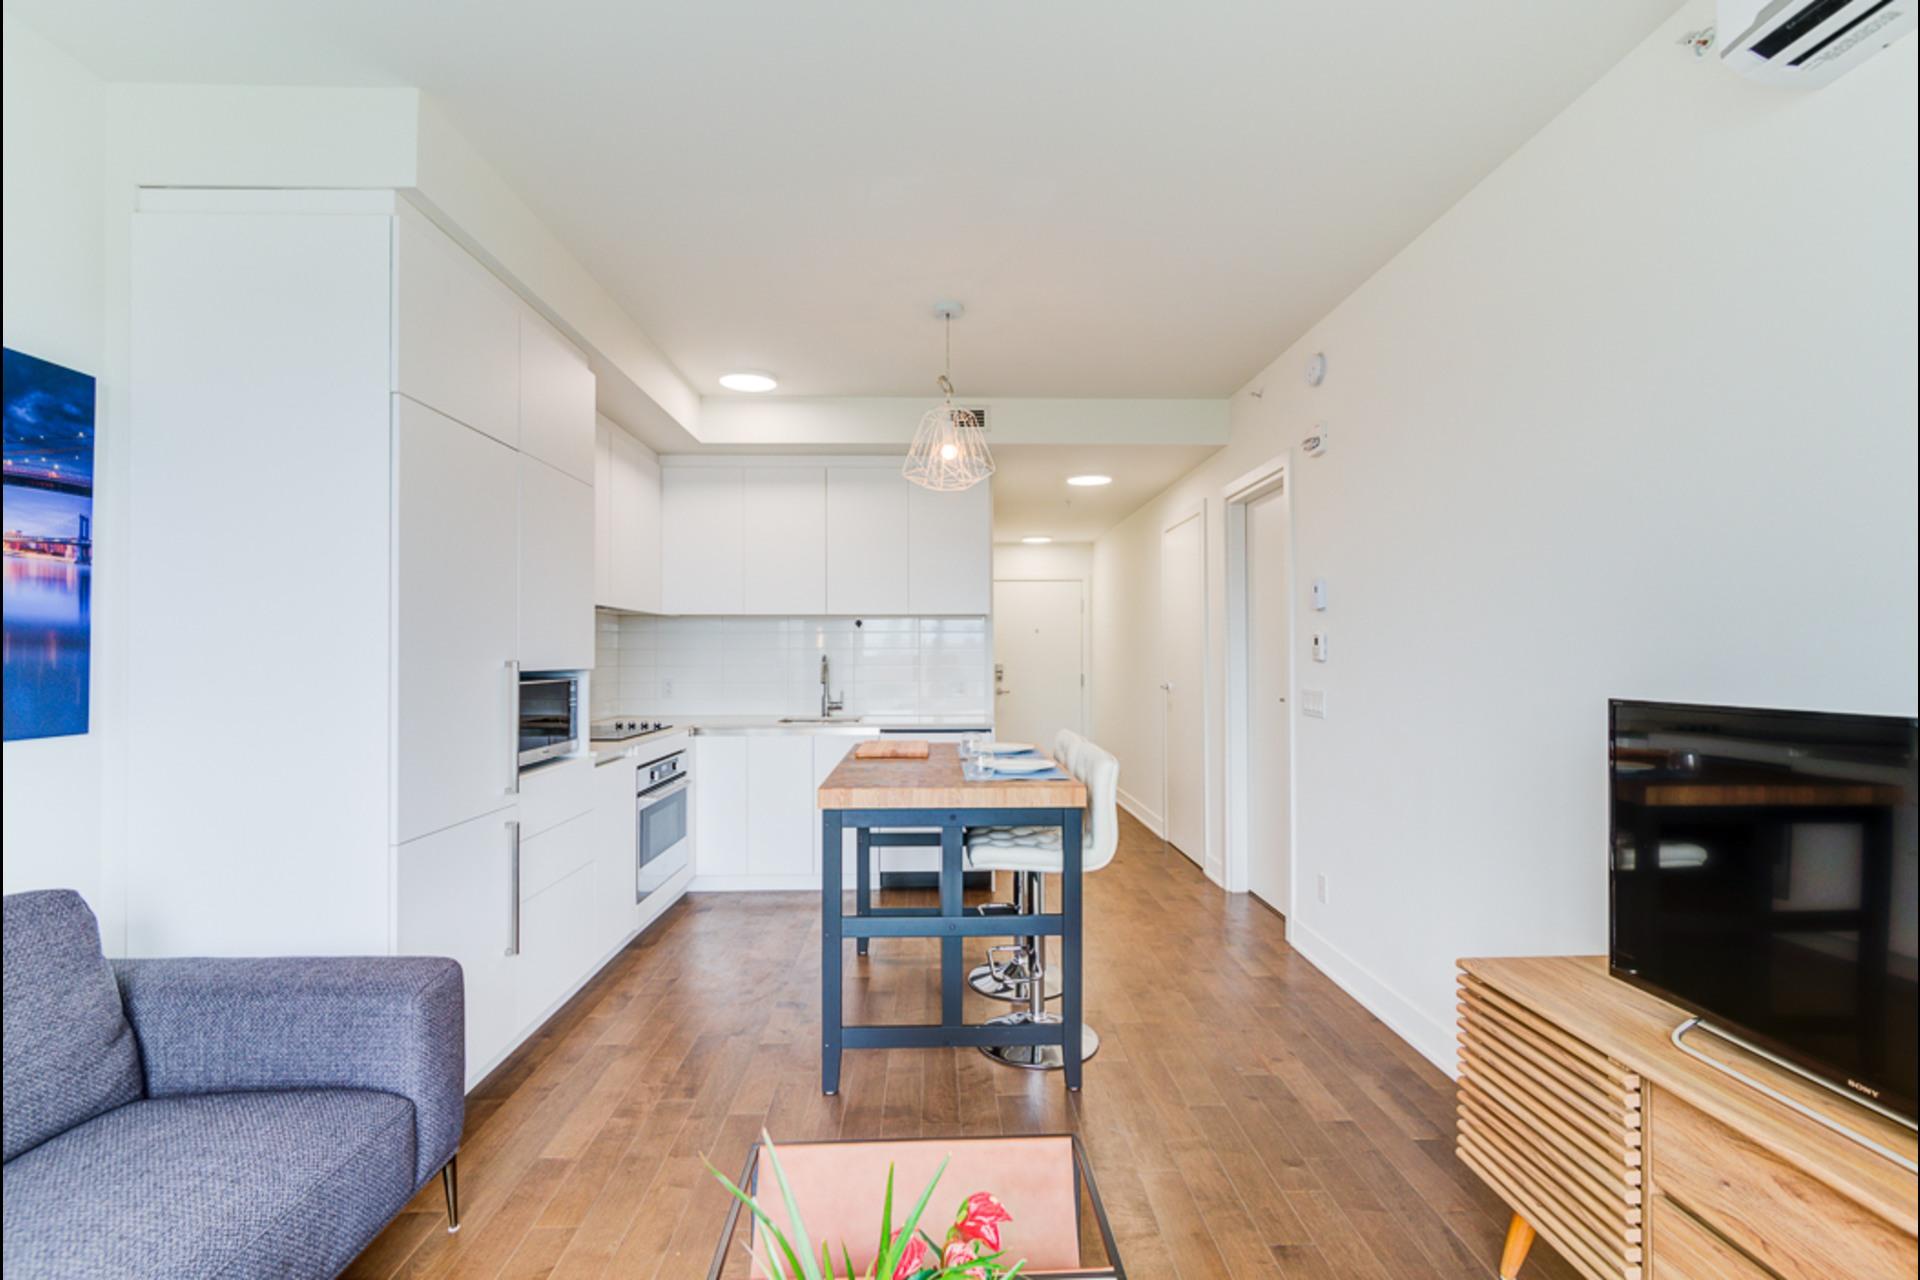 image 11 - Condo For rent Montréal - 4 rooms